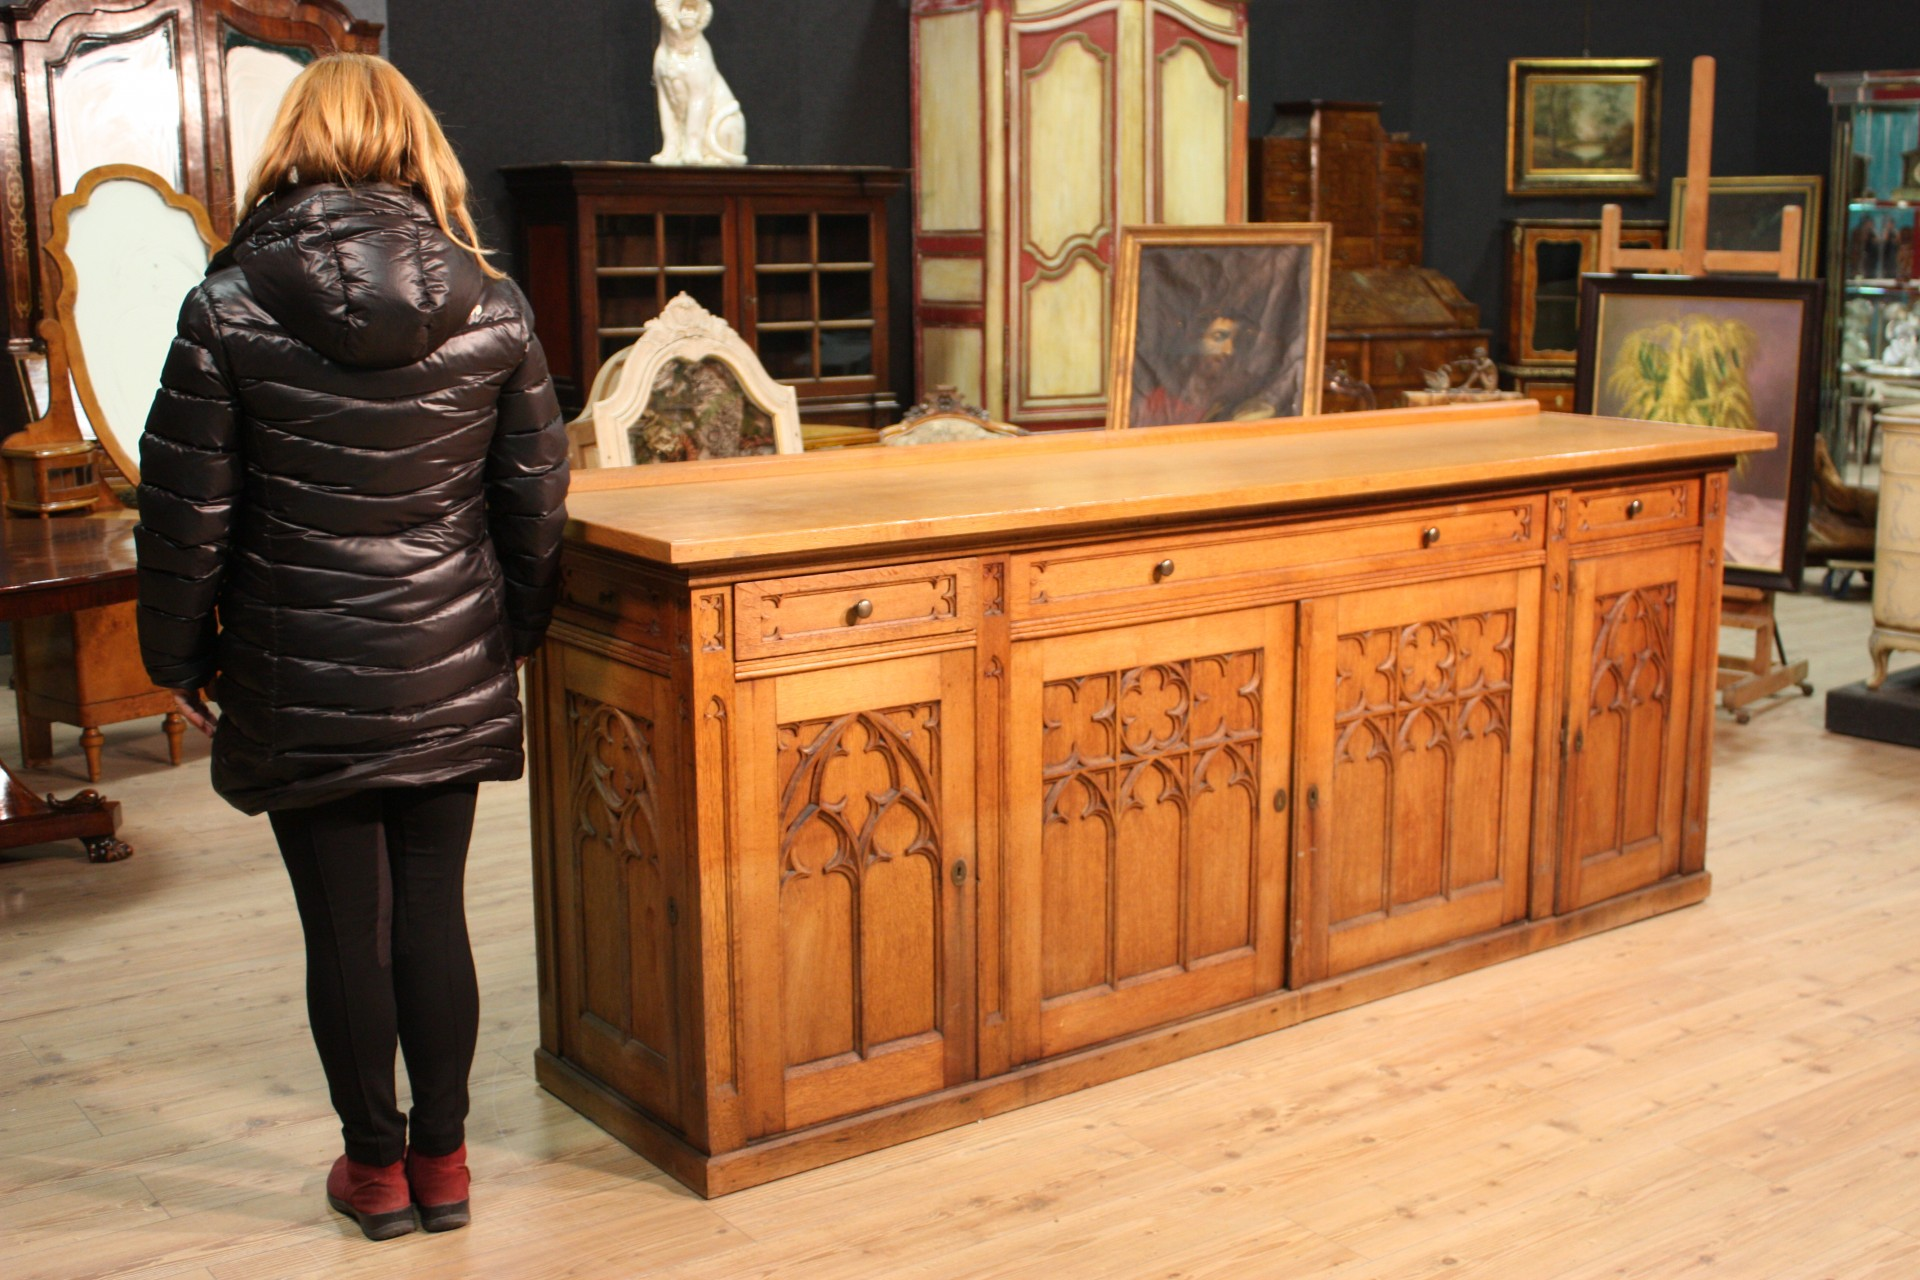 kredenz geschirrschrank gothic holz eichenholz geschnitzte m bel antik stil 900 ebay. Black Bedroom Furniture Sets. Home Design Ideas